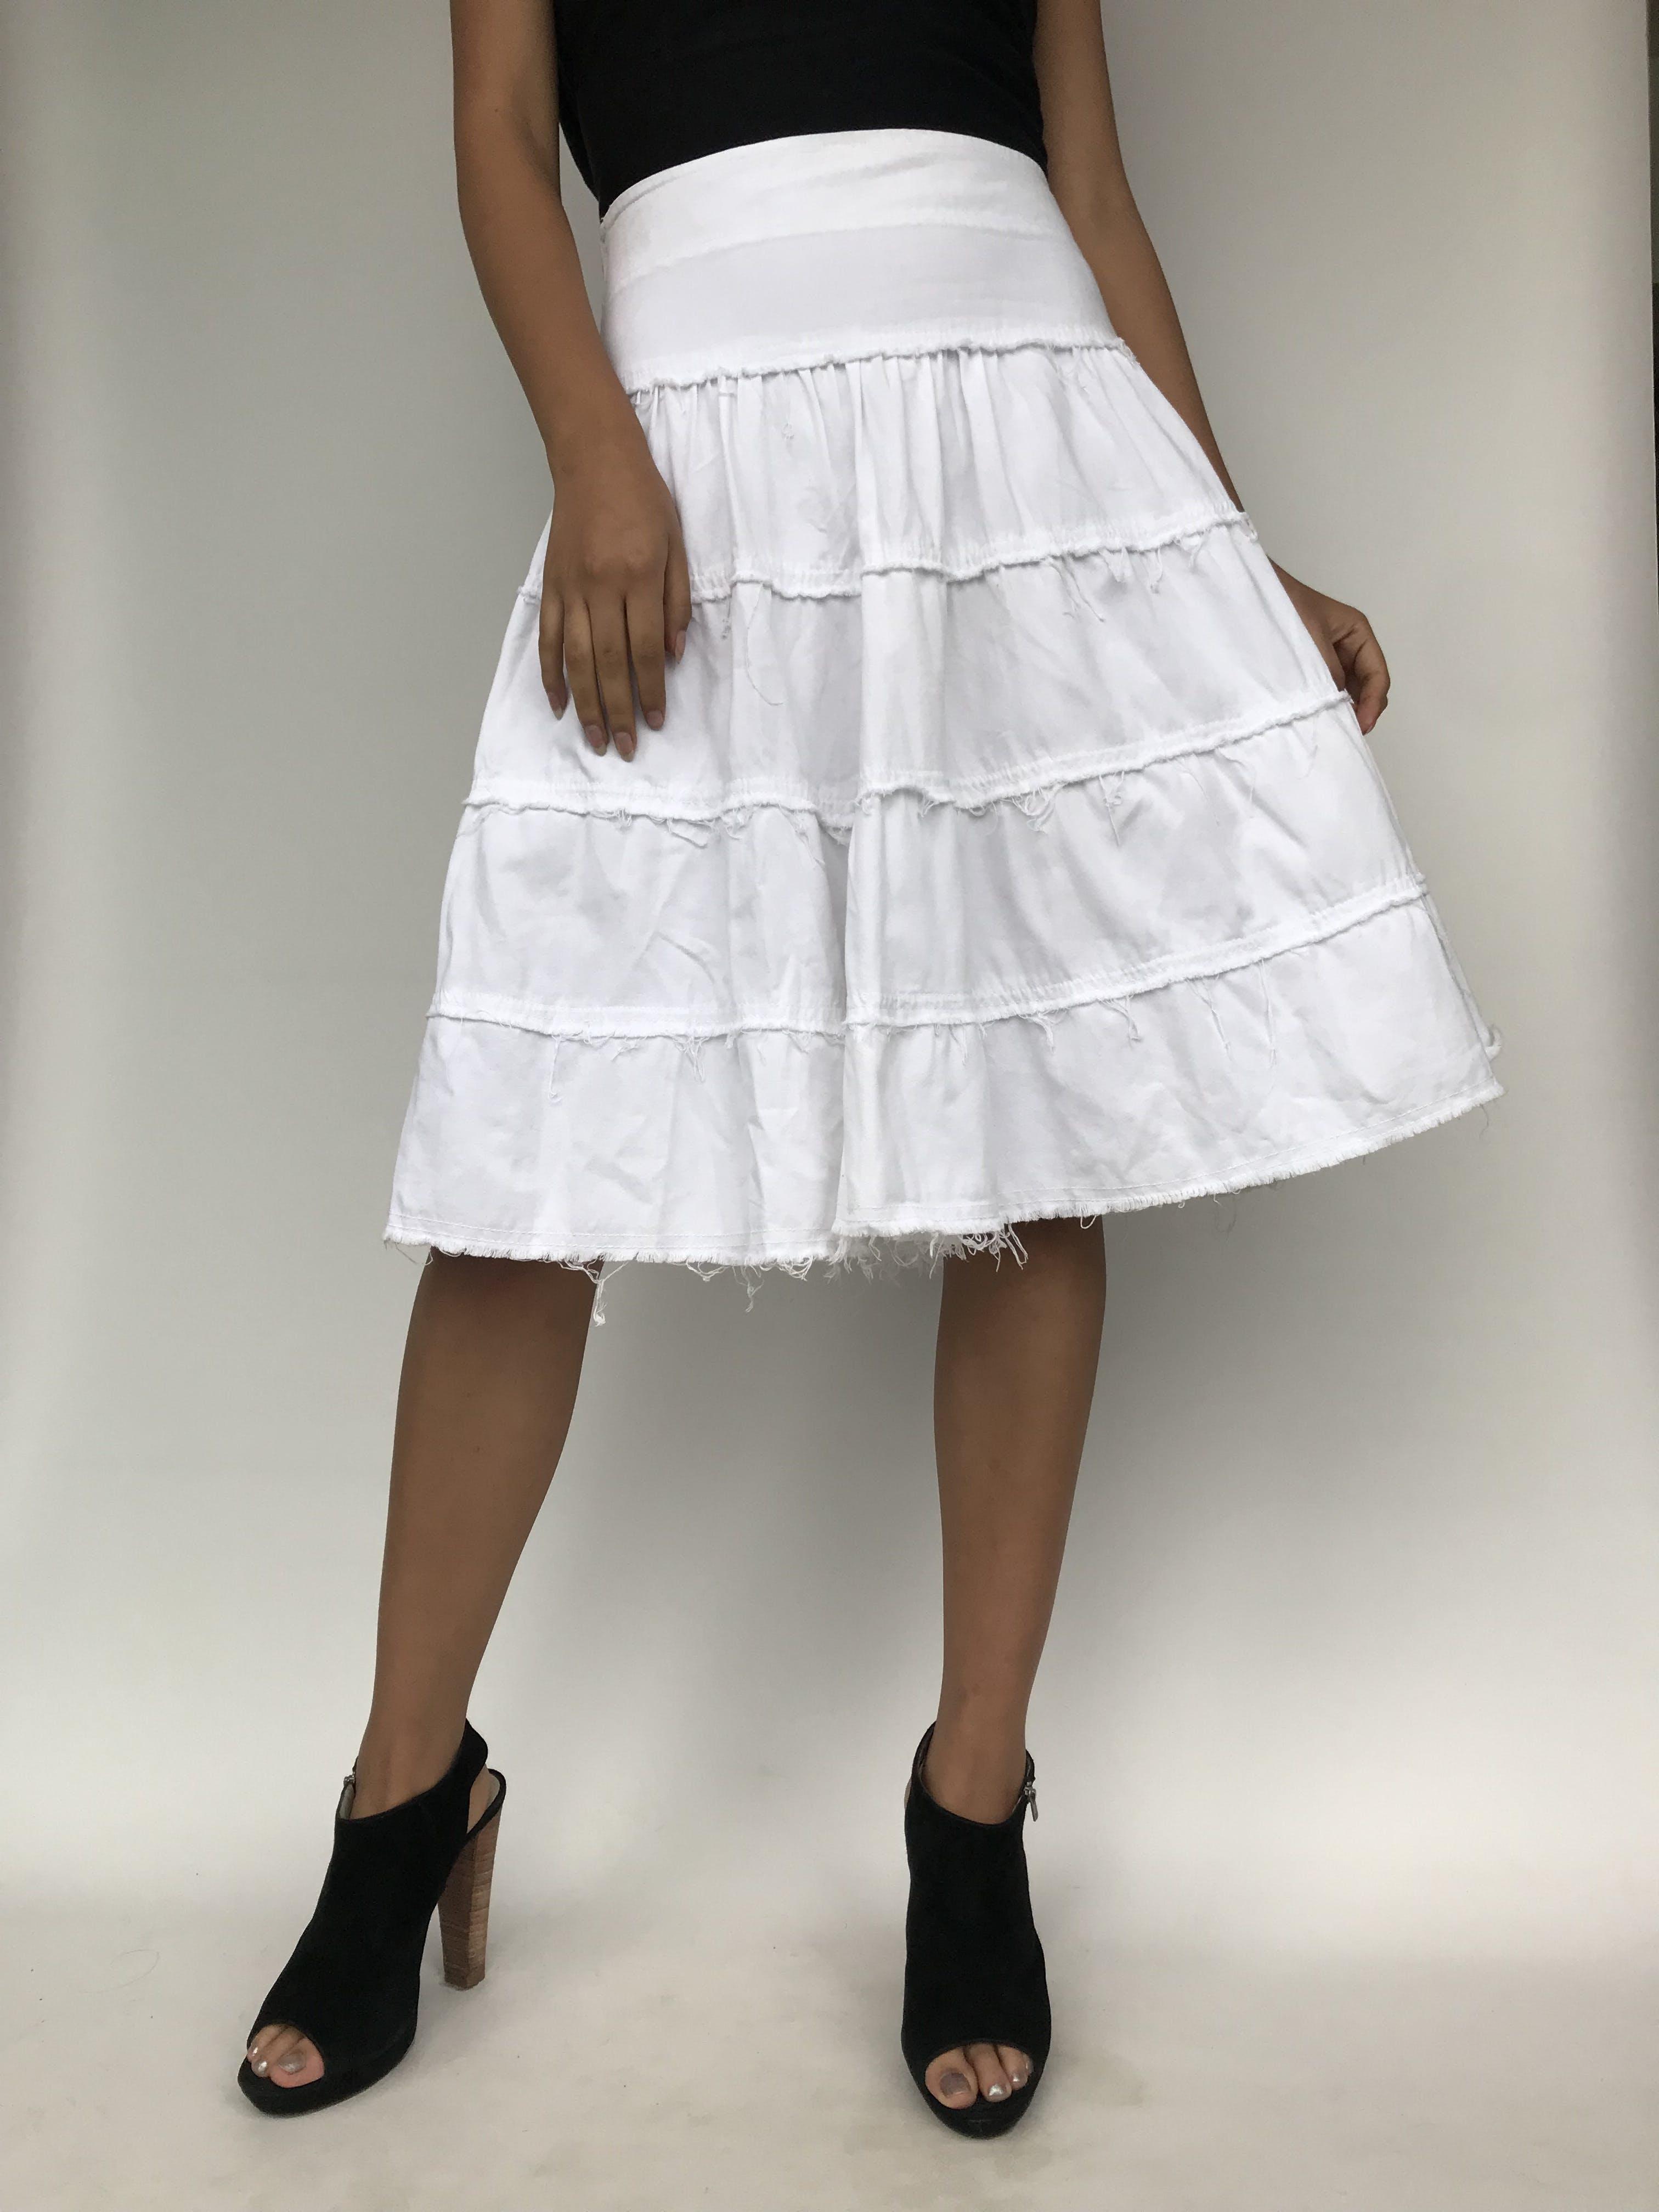 Falda Scombro de drill blanco 100% algodón, corte en A, en 4 tiempos,   Largo: 64 cm Talla S